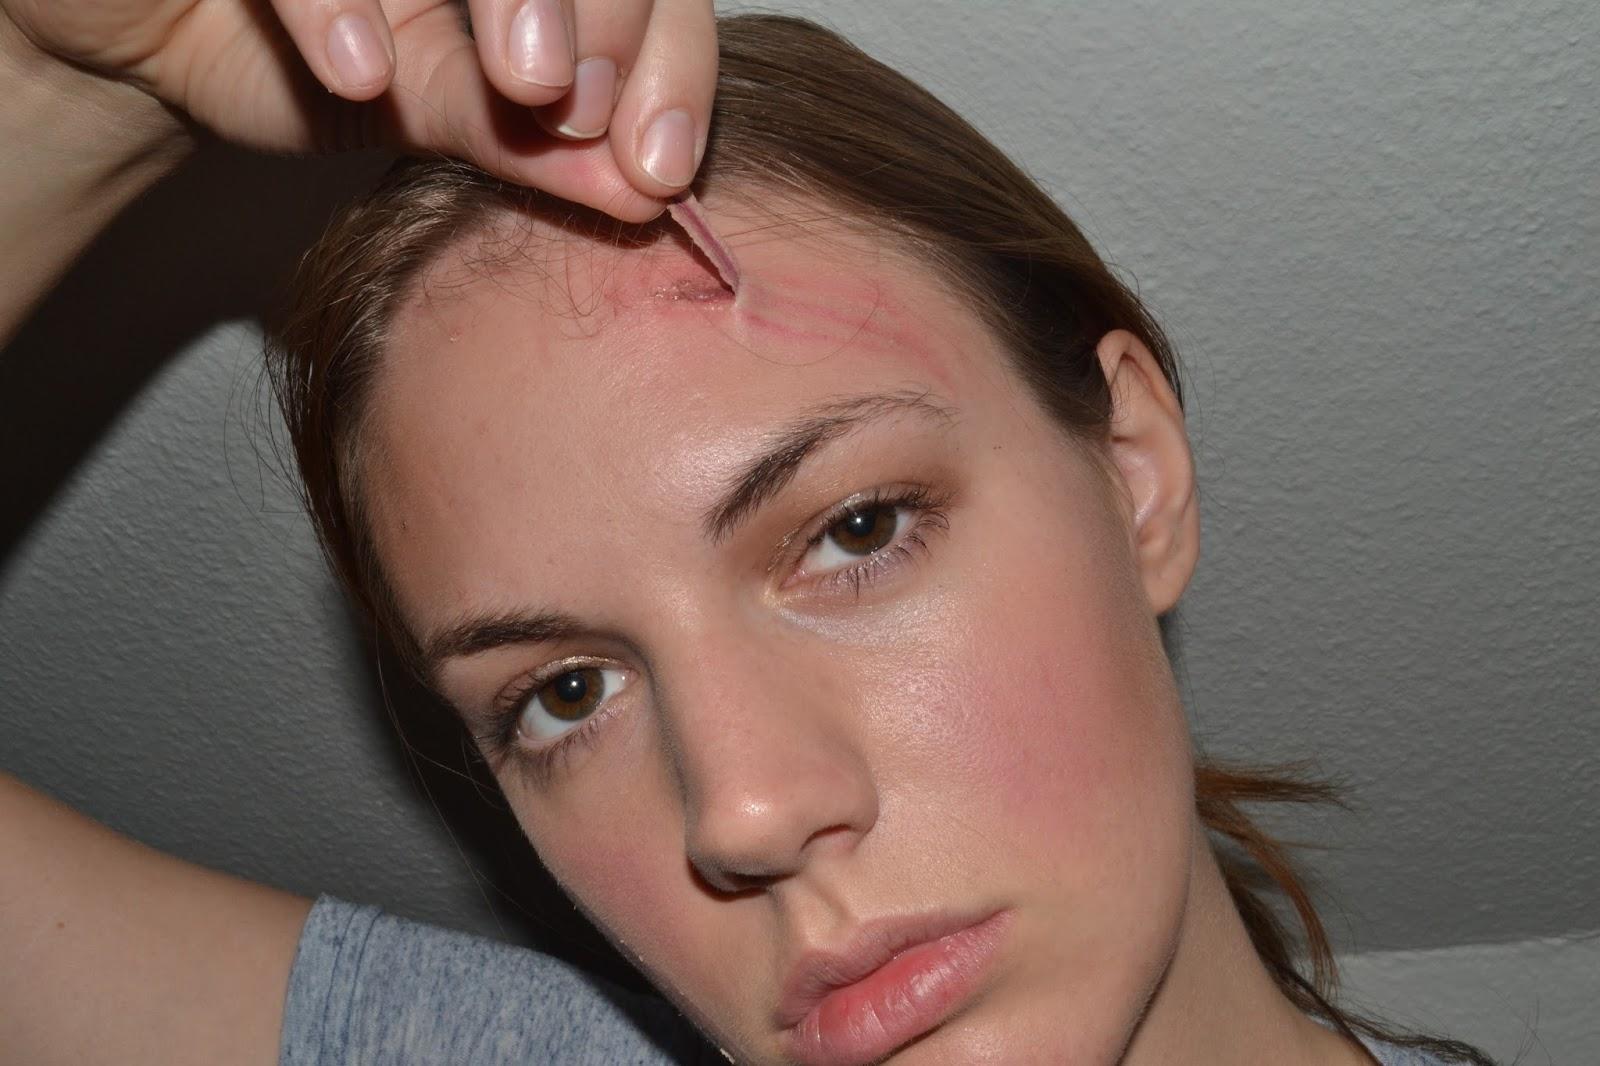 hvordan fjerner man ar i ansigtet